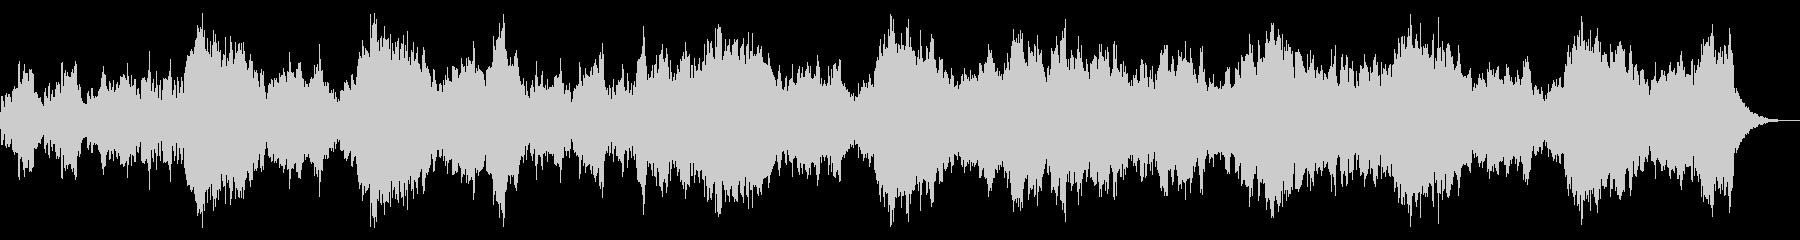 結婚行進曲 メンデルスゾーン Ver2の未再生の波形